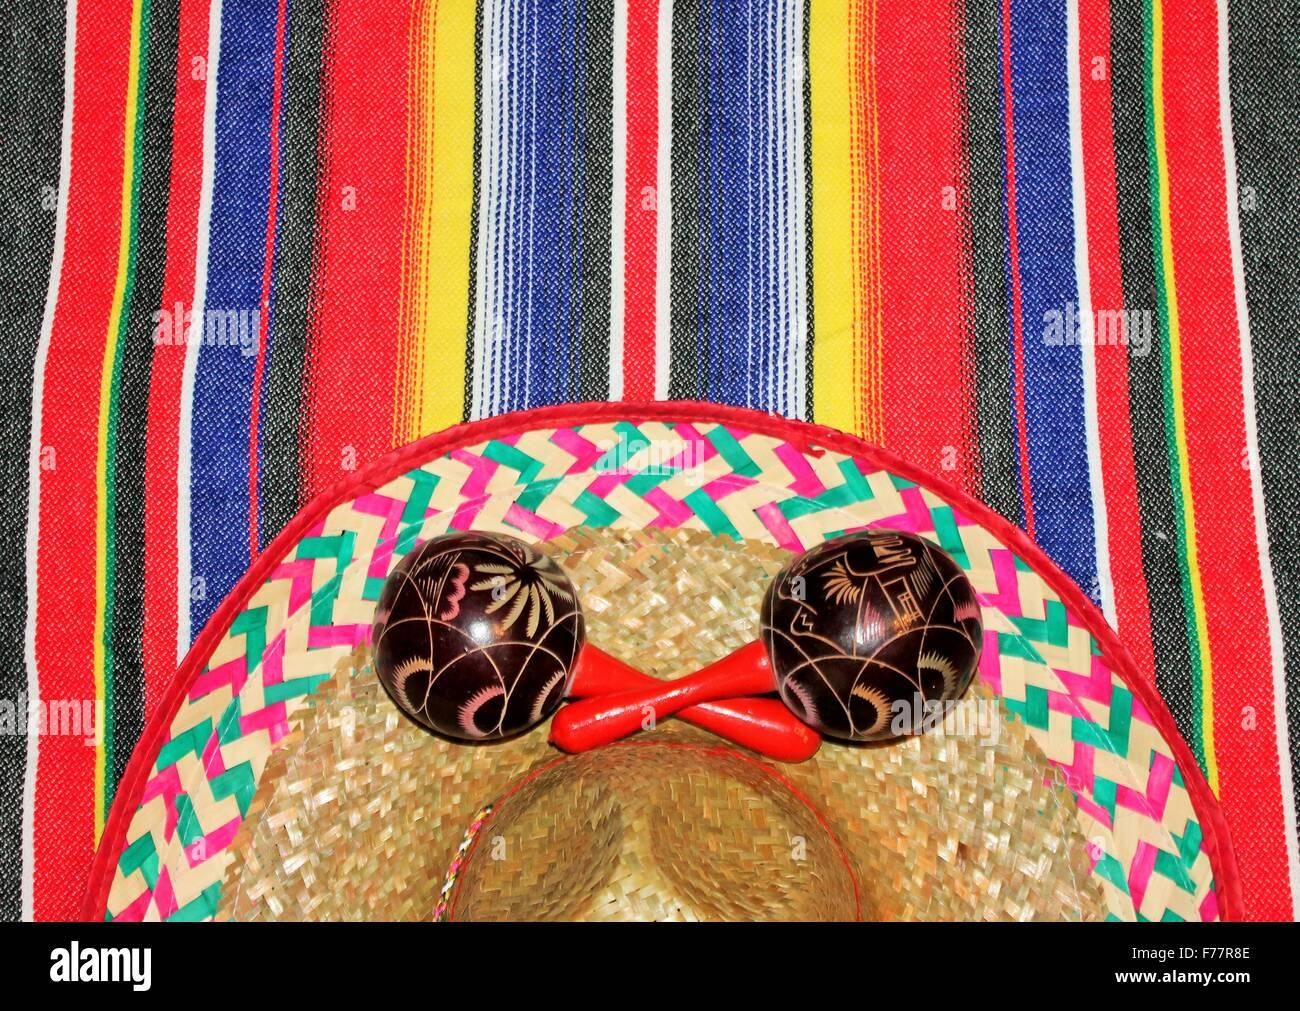 Fiesta del Poncho Poncho banda serape maracas sombrero antecedentes Imagen  De Stock 7ea8468cc79